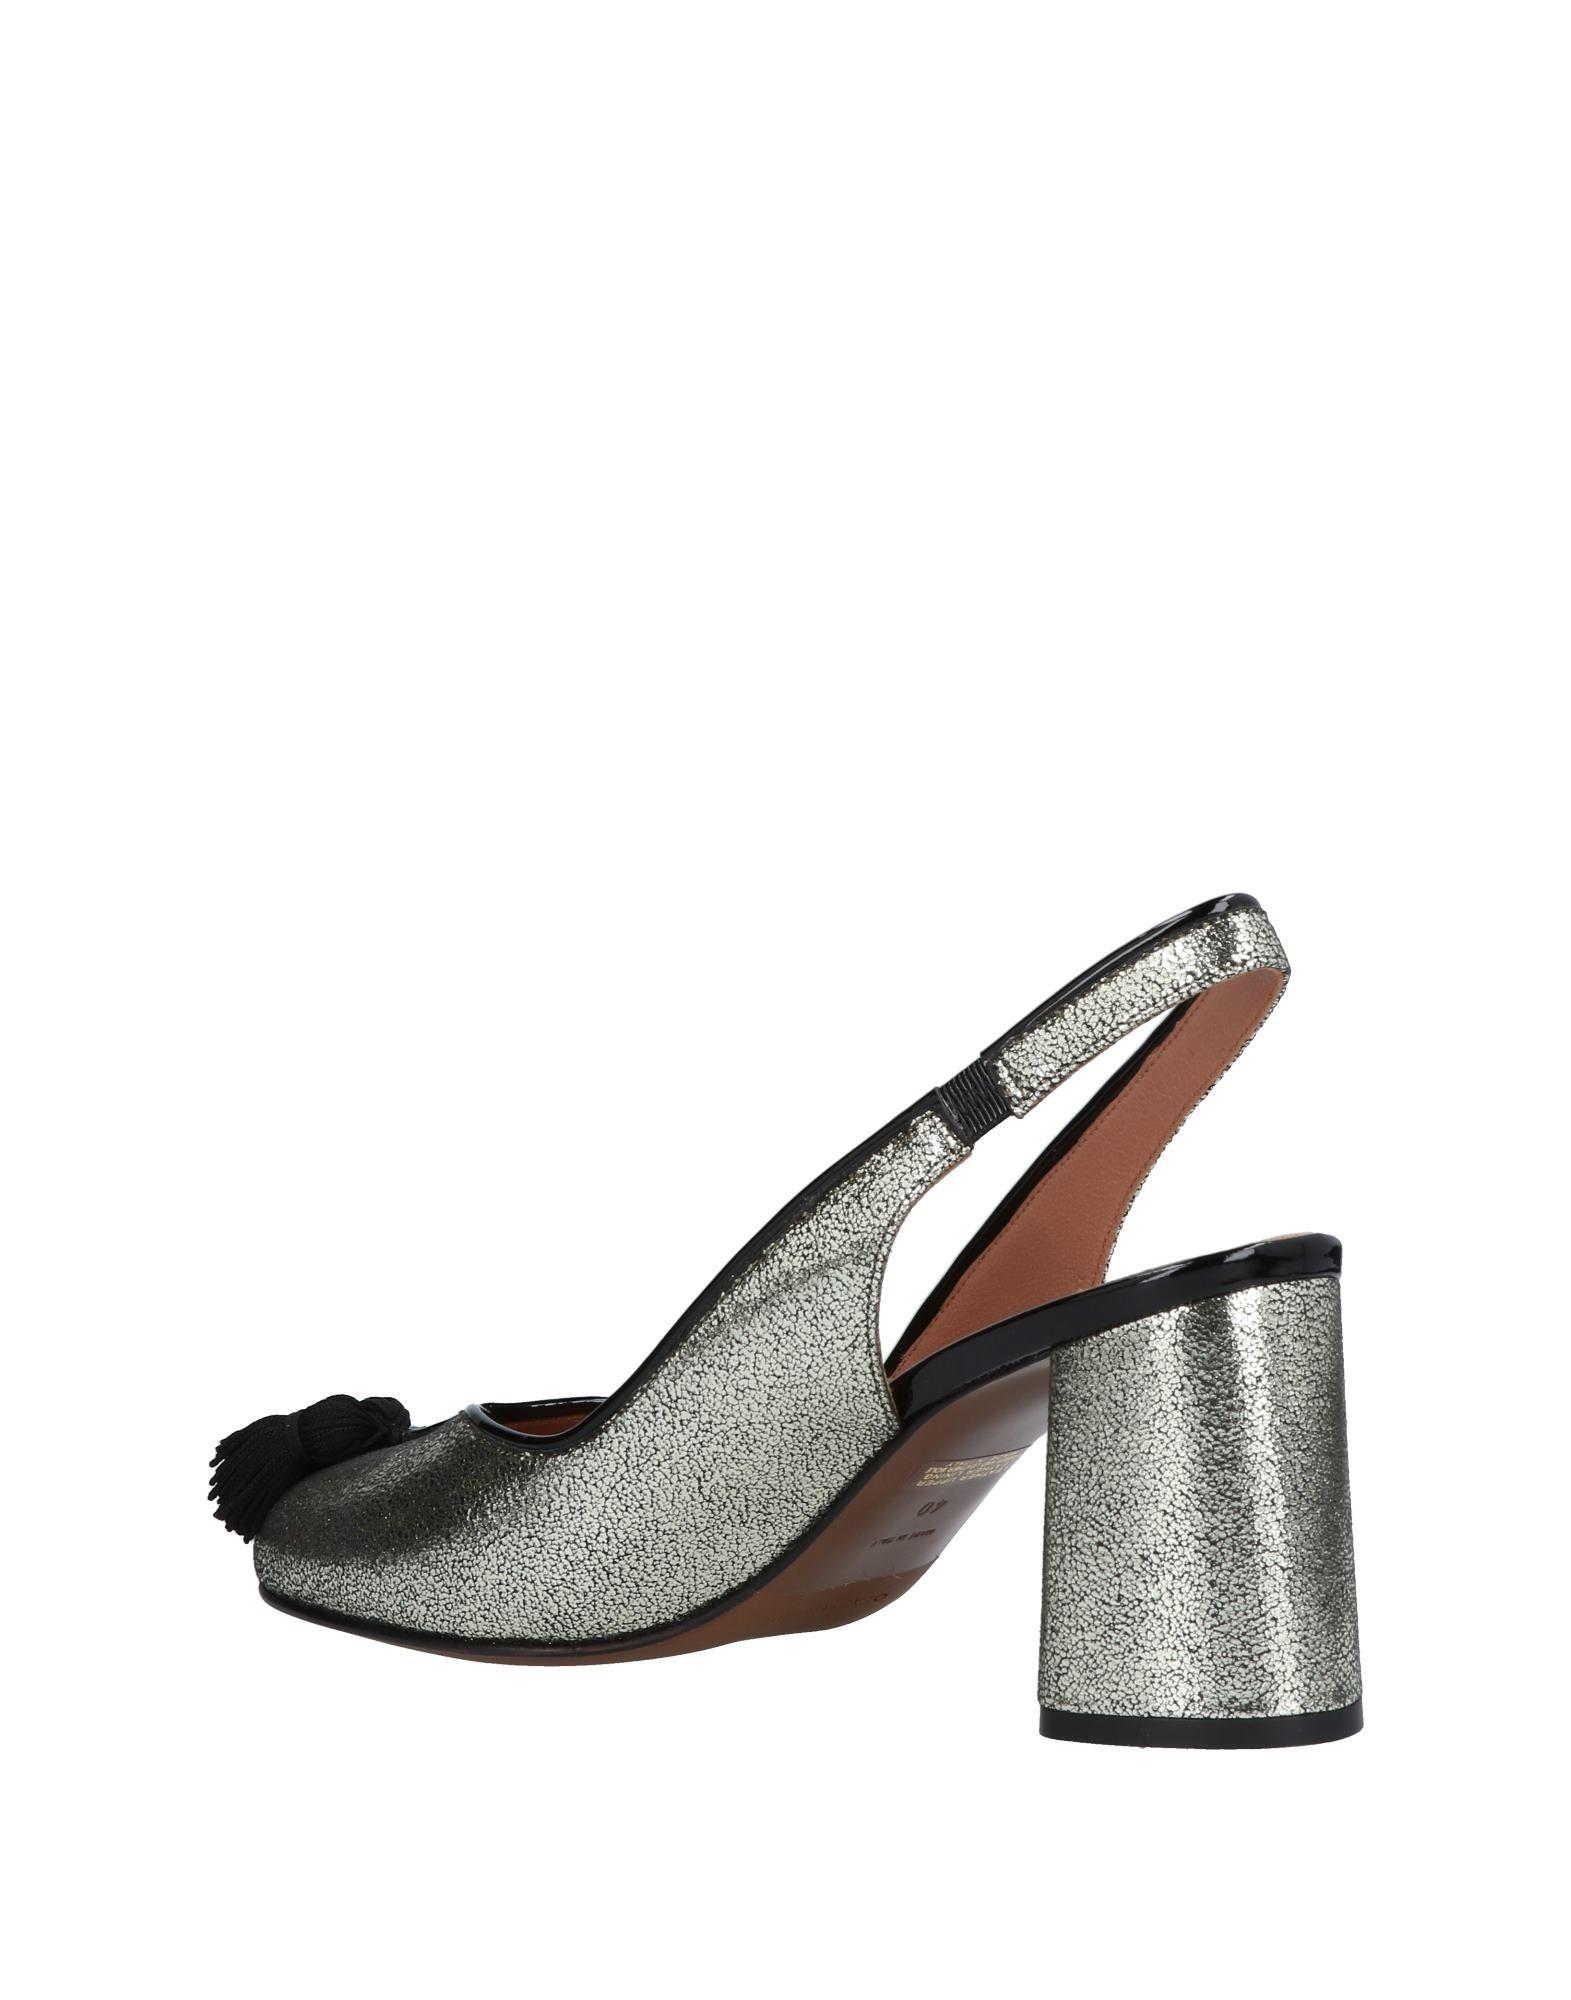 Stilvolle billige Schuhe Damen L' Autre Chose Pumps Damen Schuhe  11474574PB 083e9f